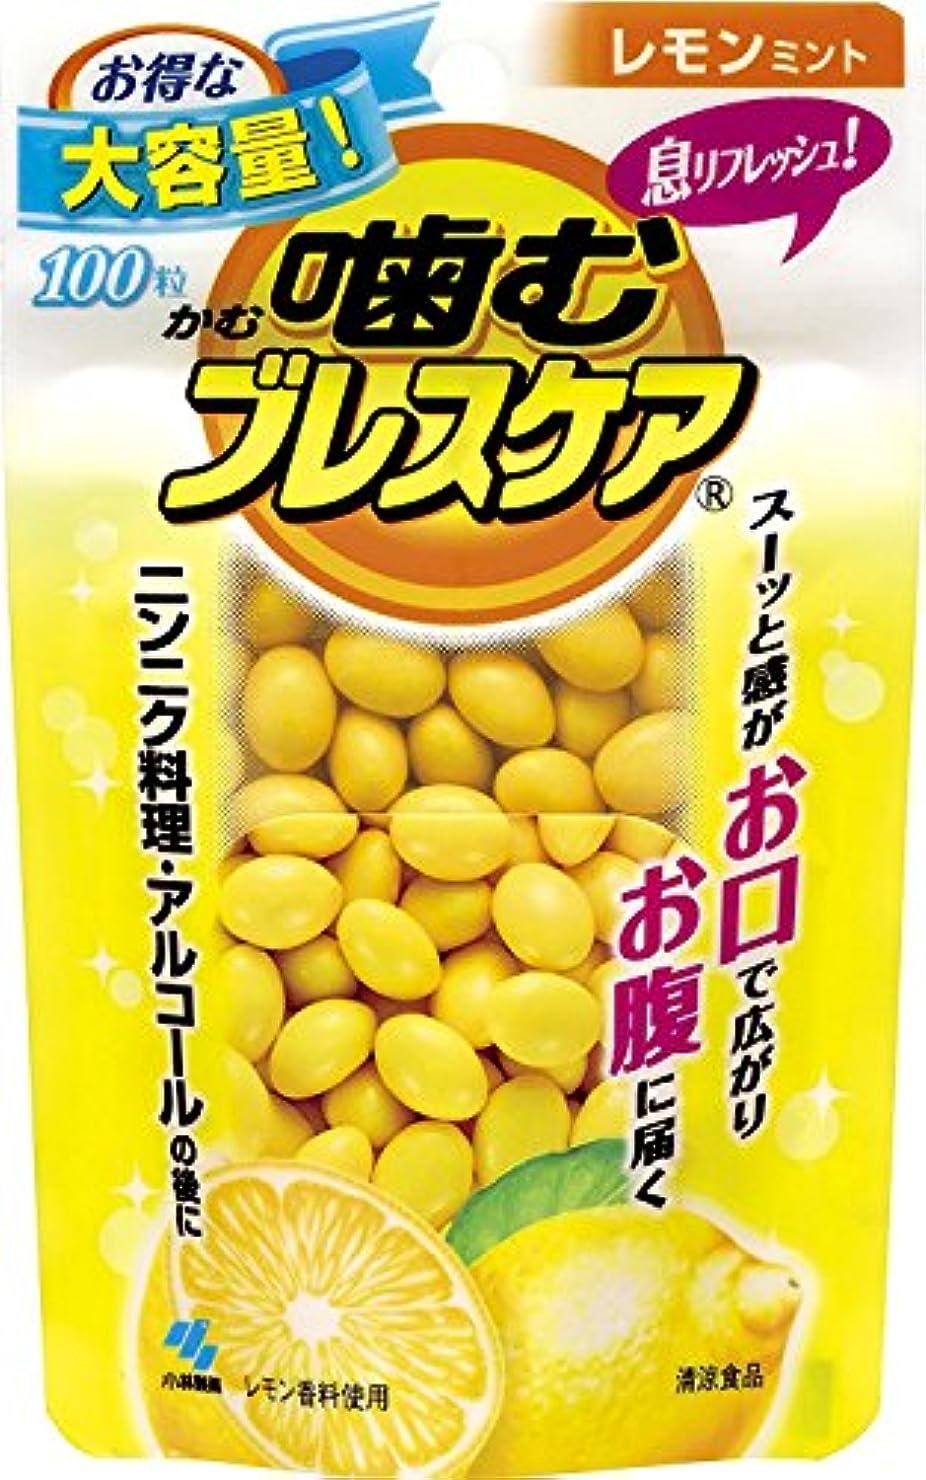 苦王女メイン噛むブレスケア 息リフレッシュグミ レモンミント パウチタイプ お得な大容量 100粒